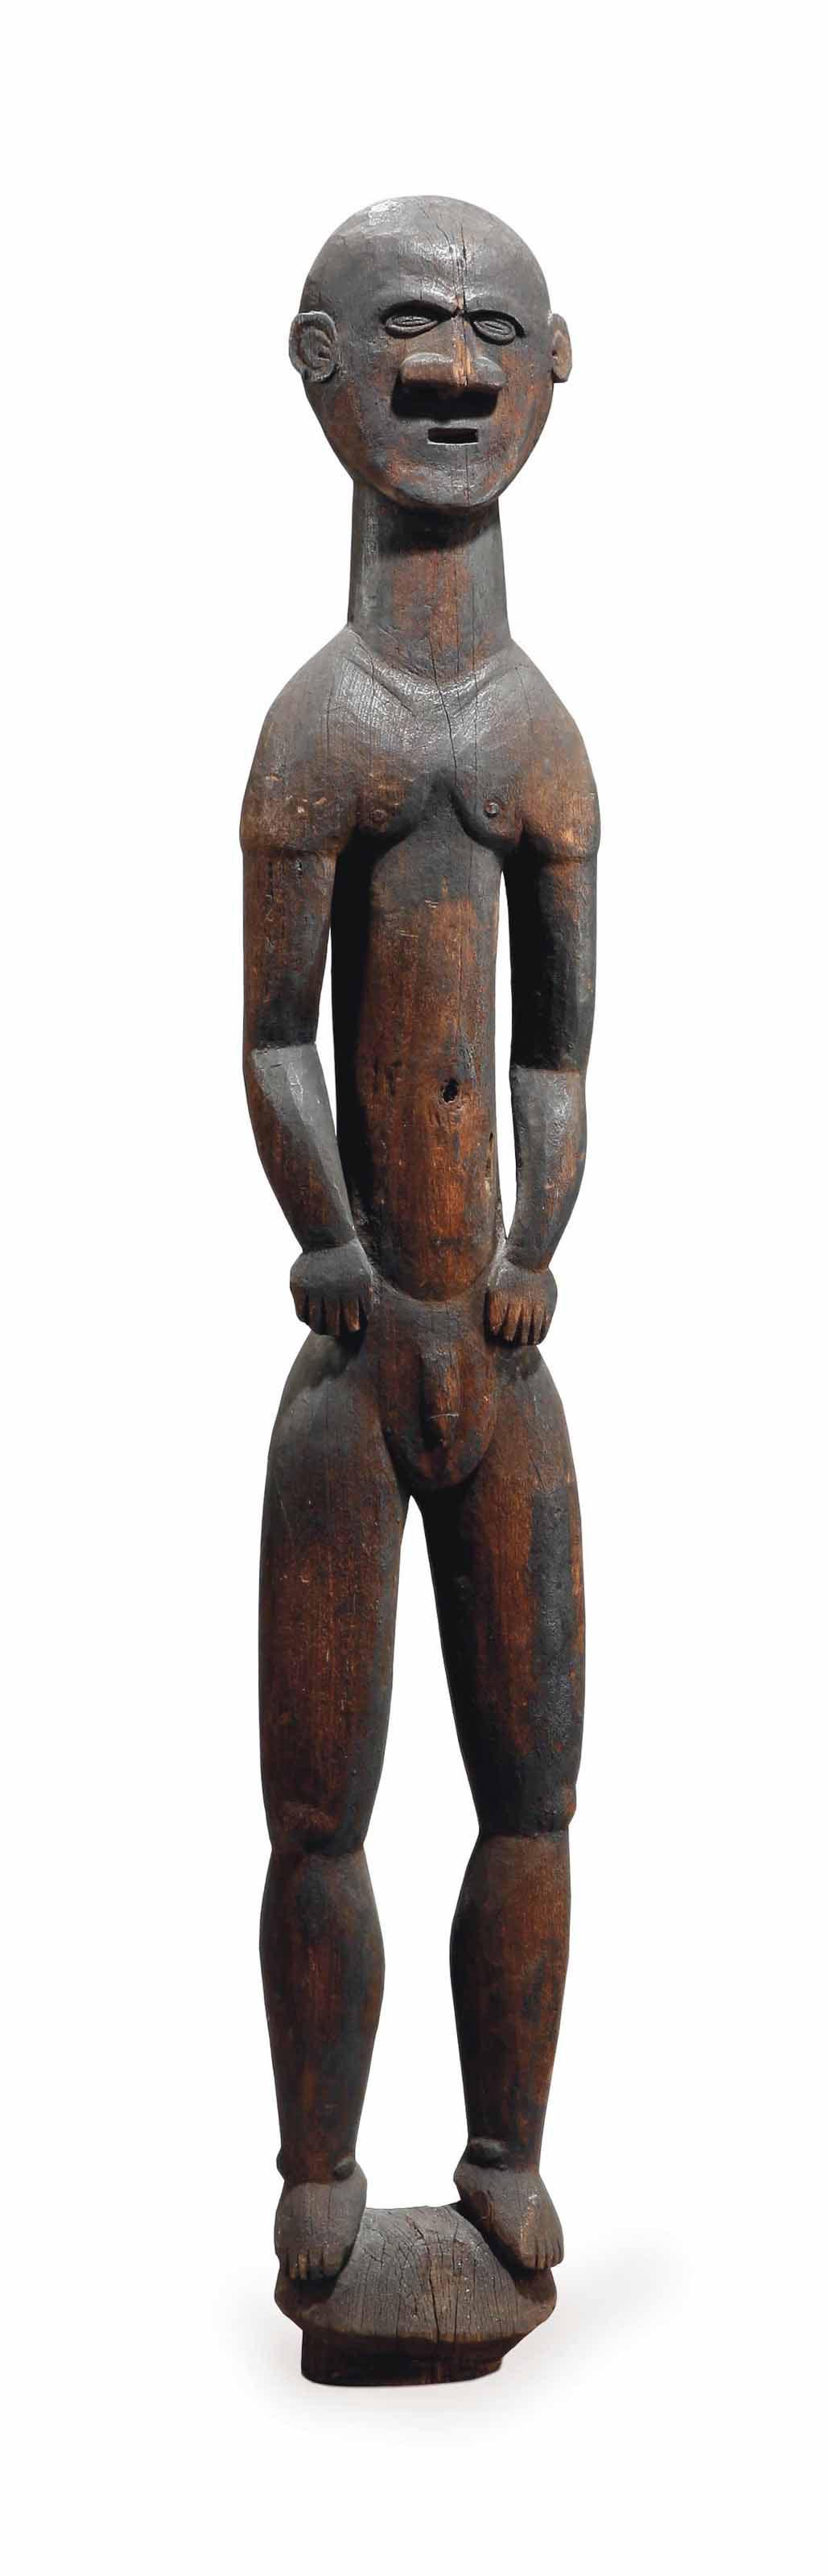 Statue kanak Kanak figure